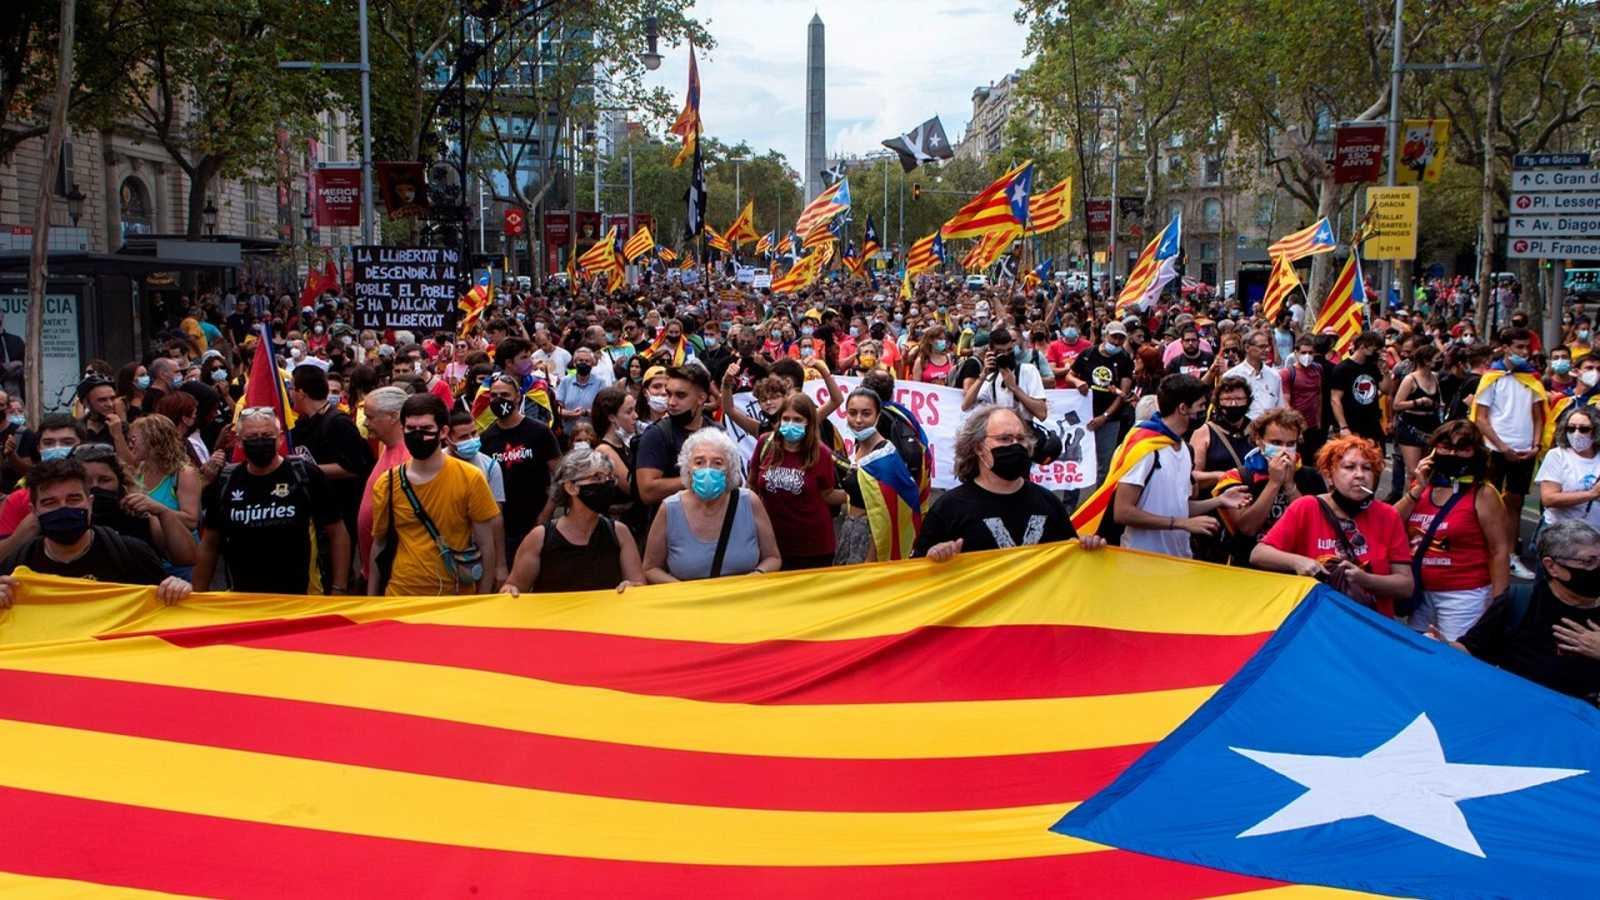 Centenares de personas participan en una manifestación convocada por los CDR con motivo de la Diada del 11 de septiembre en el Paseo de Gracia de Barcelona. EFE/ Enric Fontcuberta